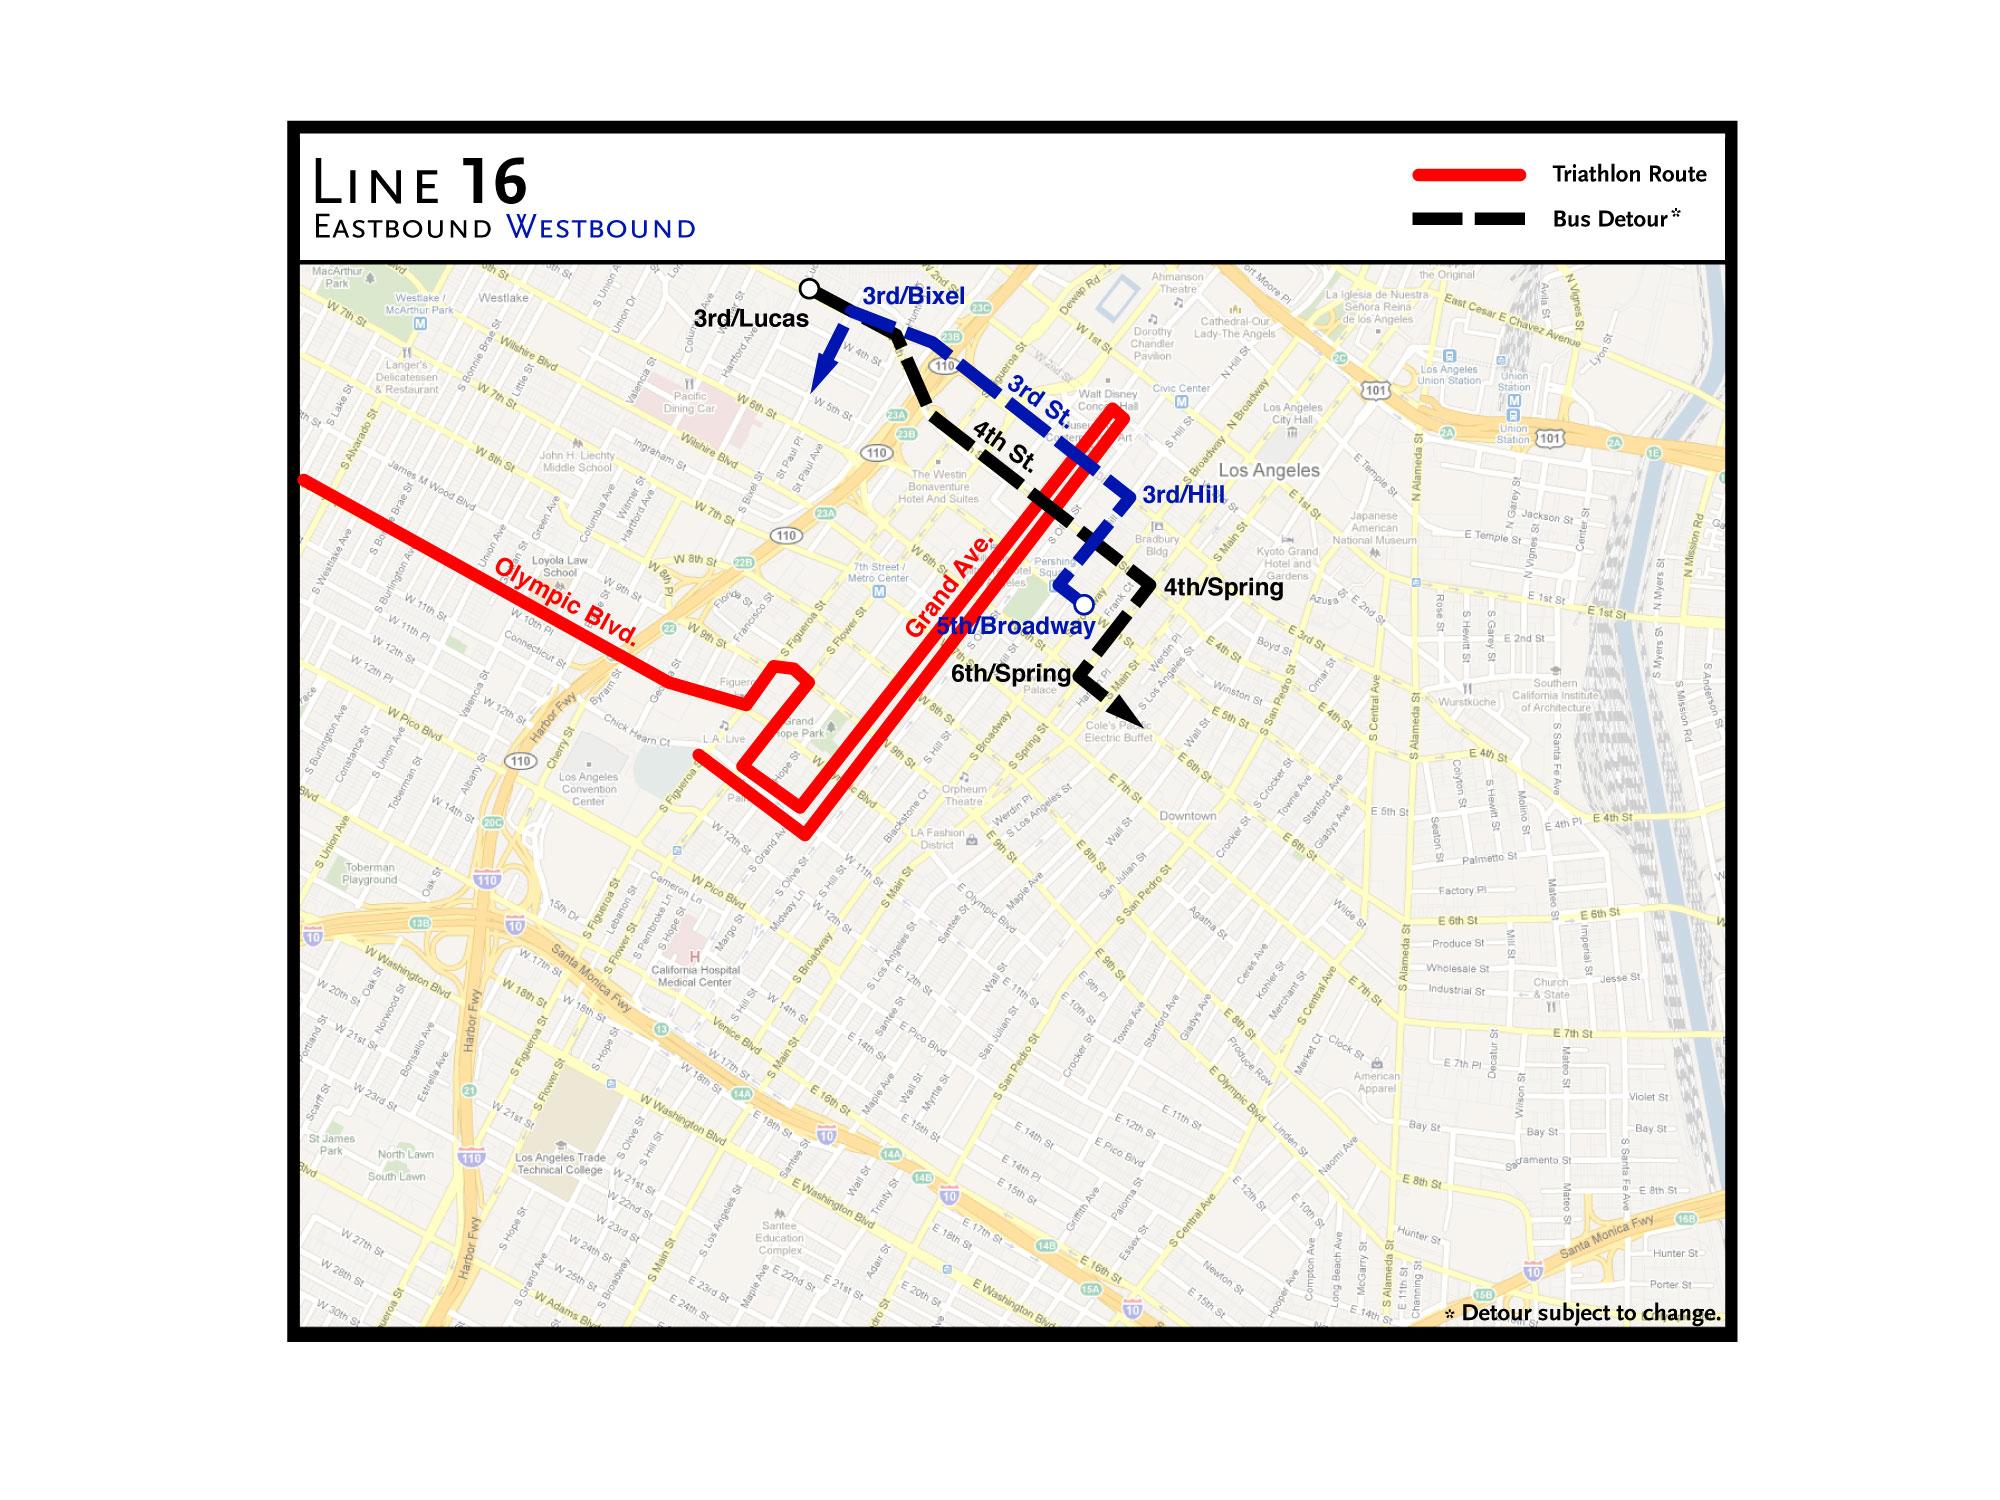 Route details and maps for Sundays LA Triathlon bus detours The